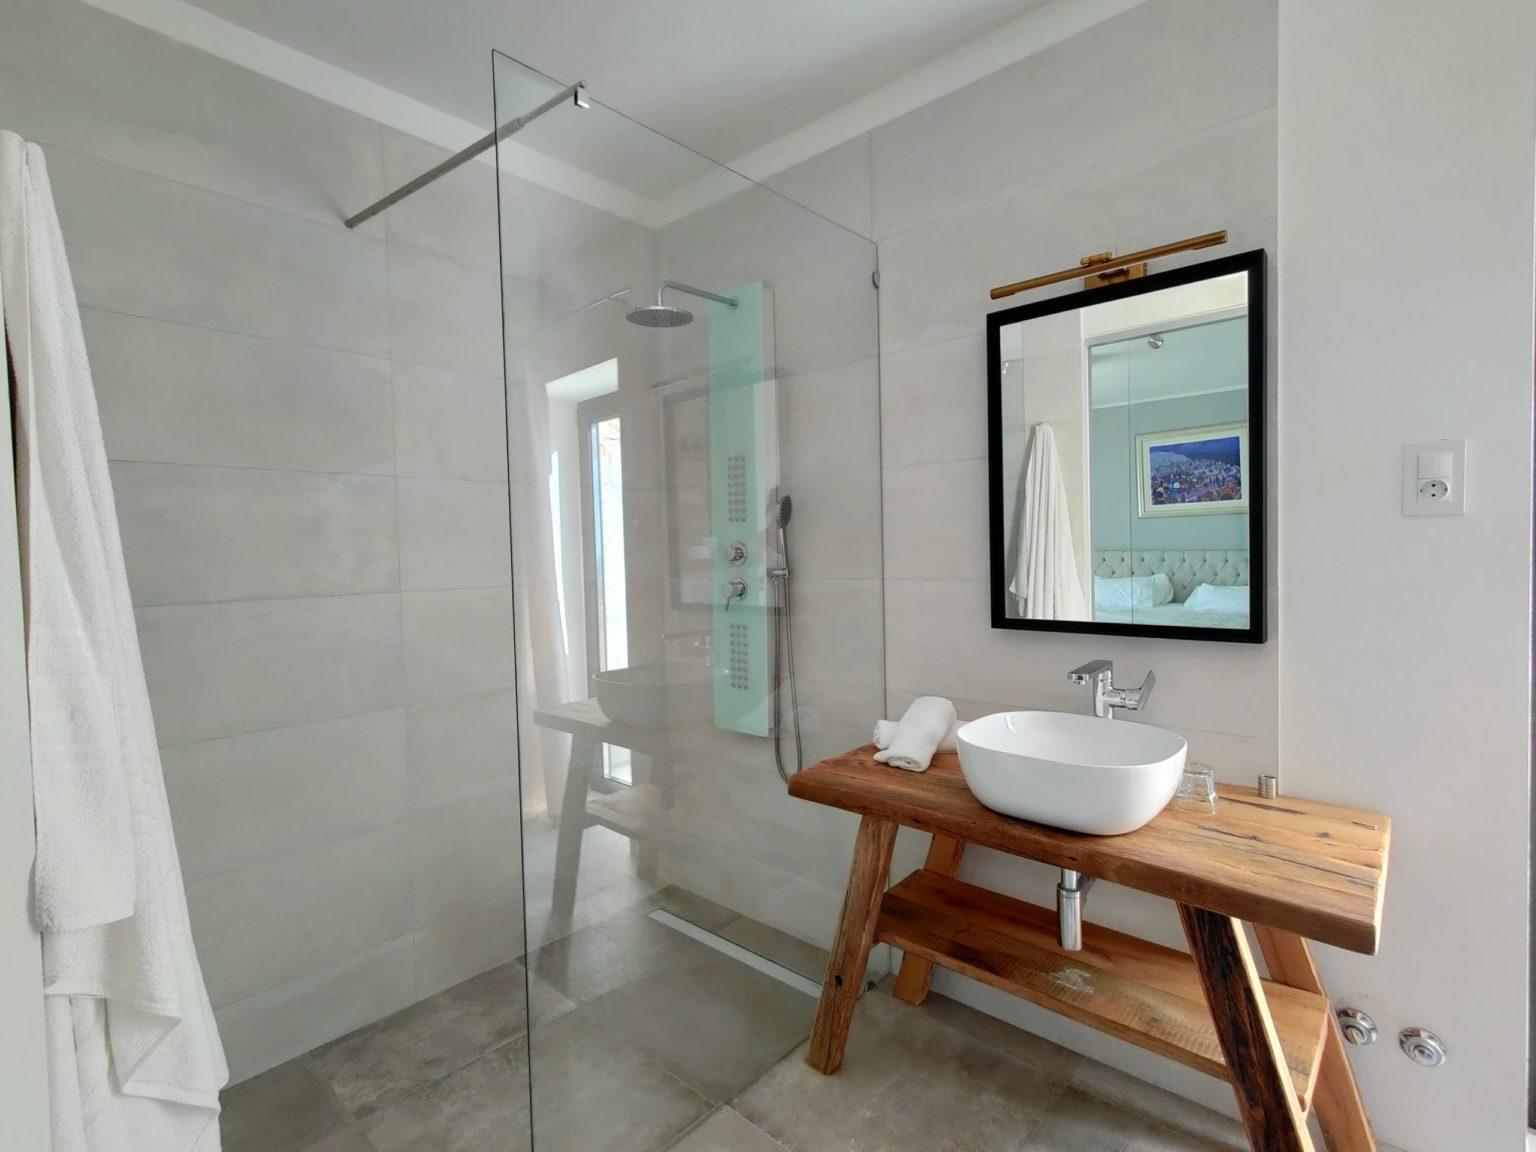 hochzeitslocation Kroatien location hochzeit heiraten 12 8 scaled - Moderne Villa